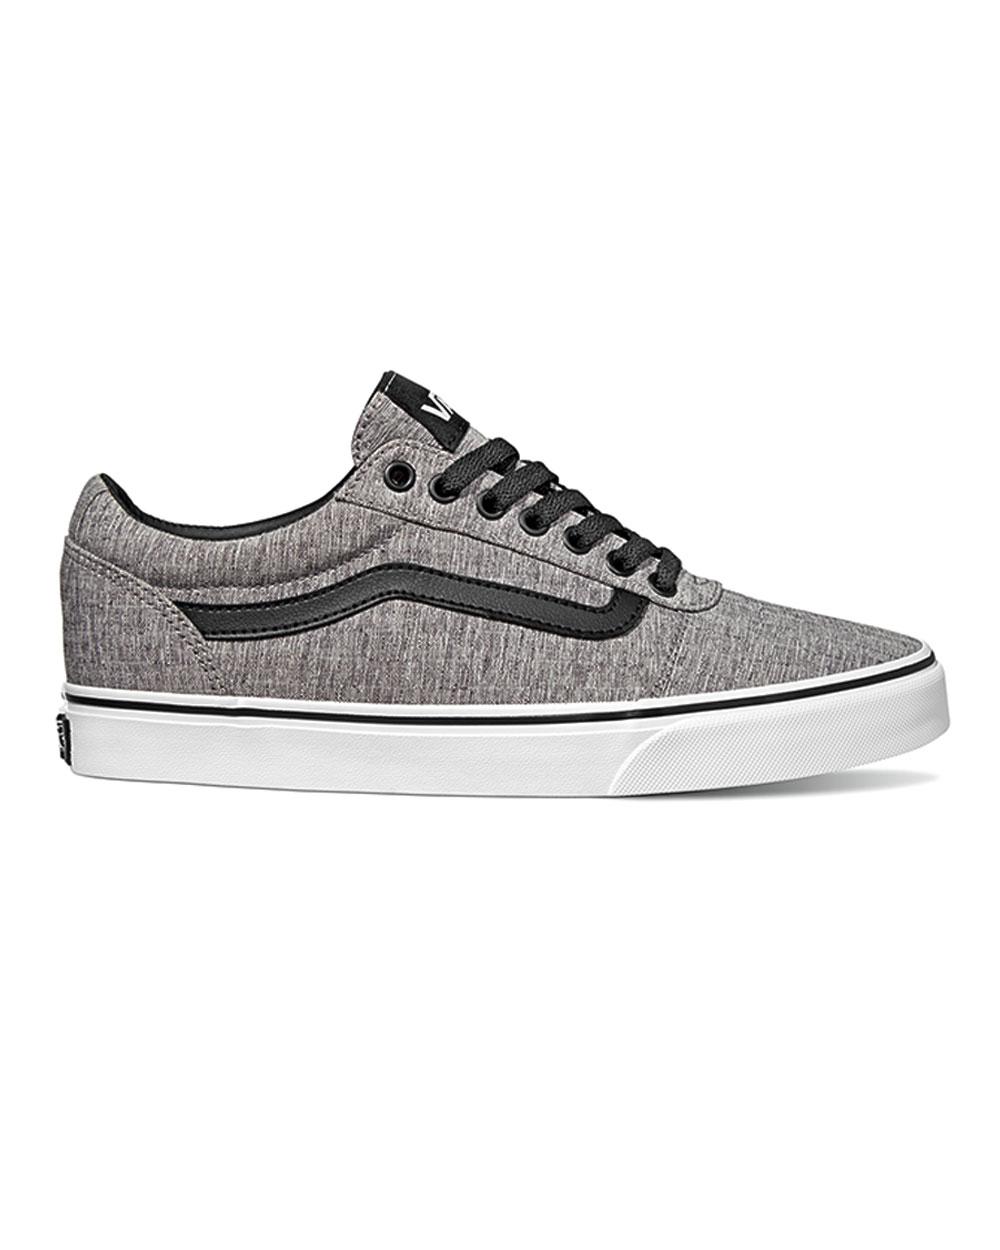 Vans Textile Ward (grey/white)   Extra